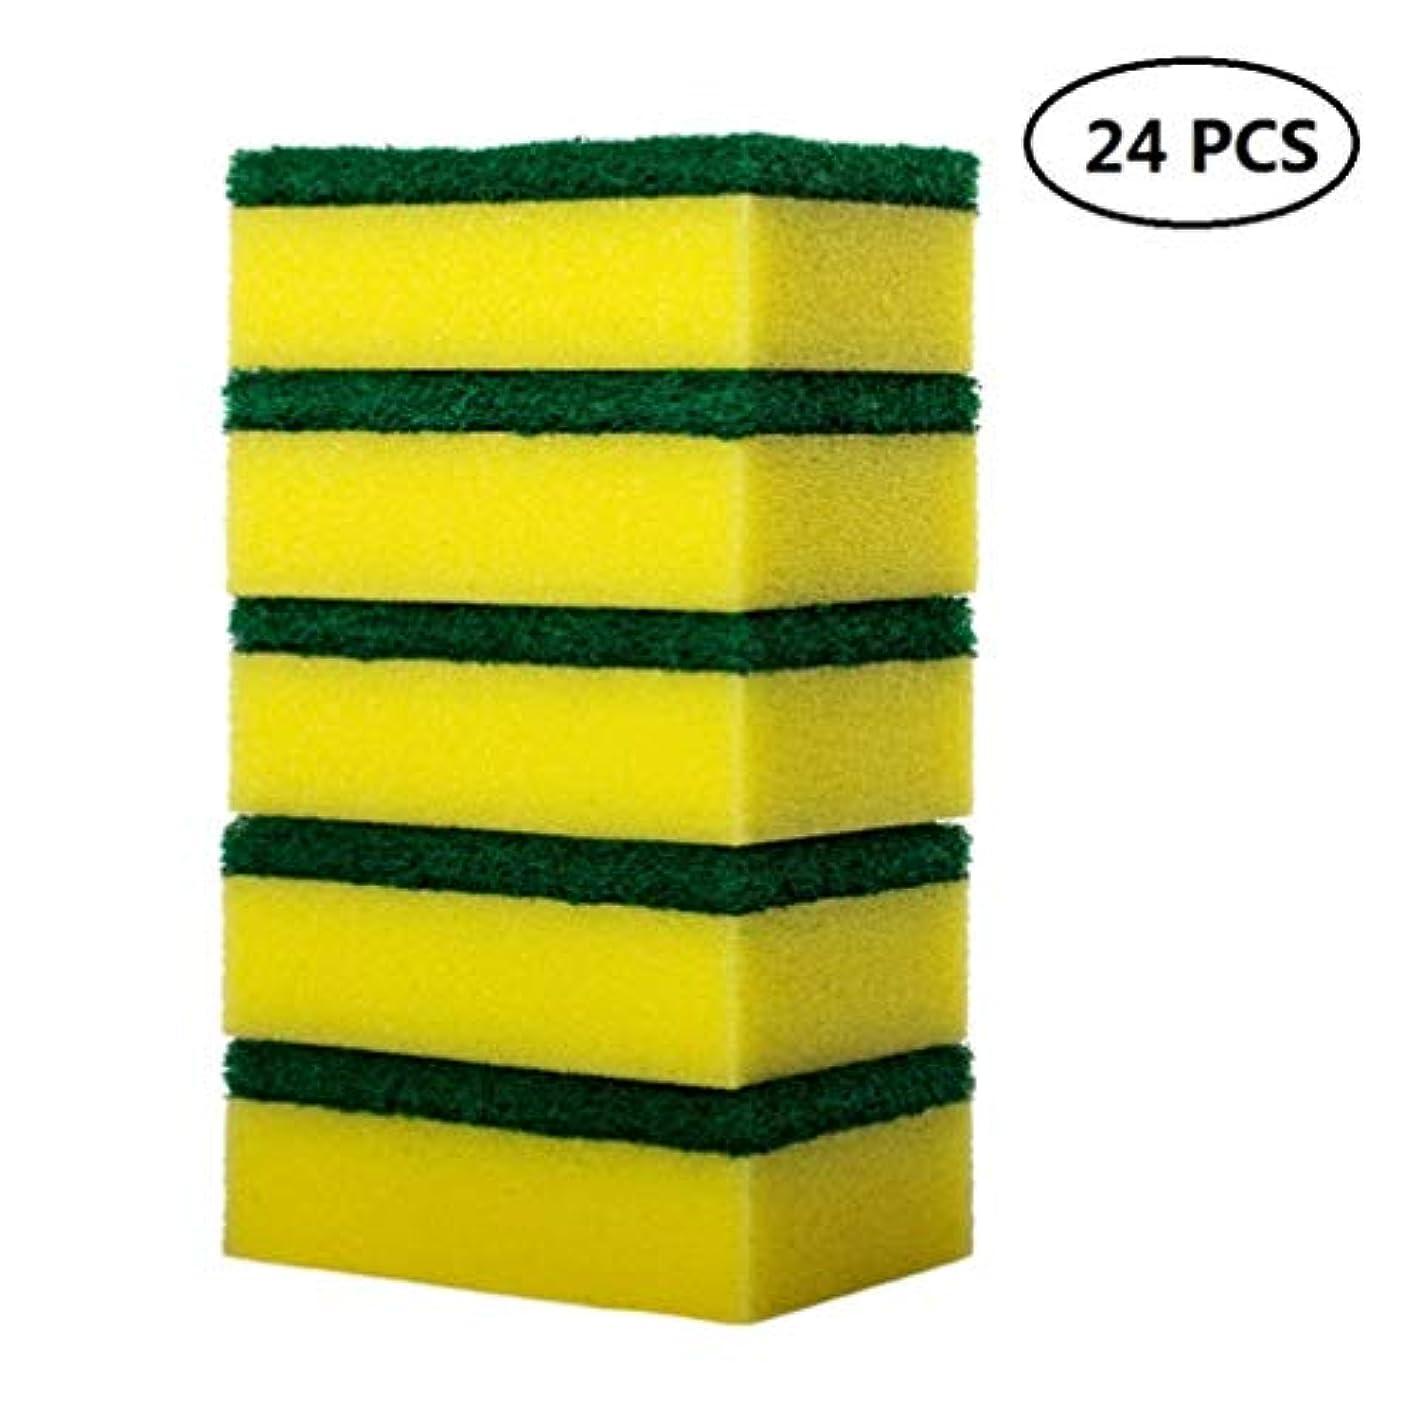 スクワイア花弁嫌なBESTONZON 24ピーススポンジ精練パッド食器洗いスポンジキッチンクリーニングナノコットン洗浄ポットブラシ(黄色+緑)